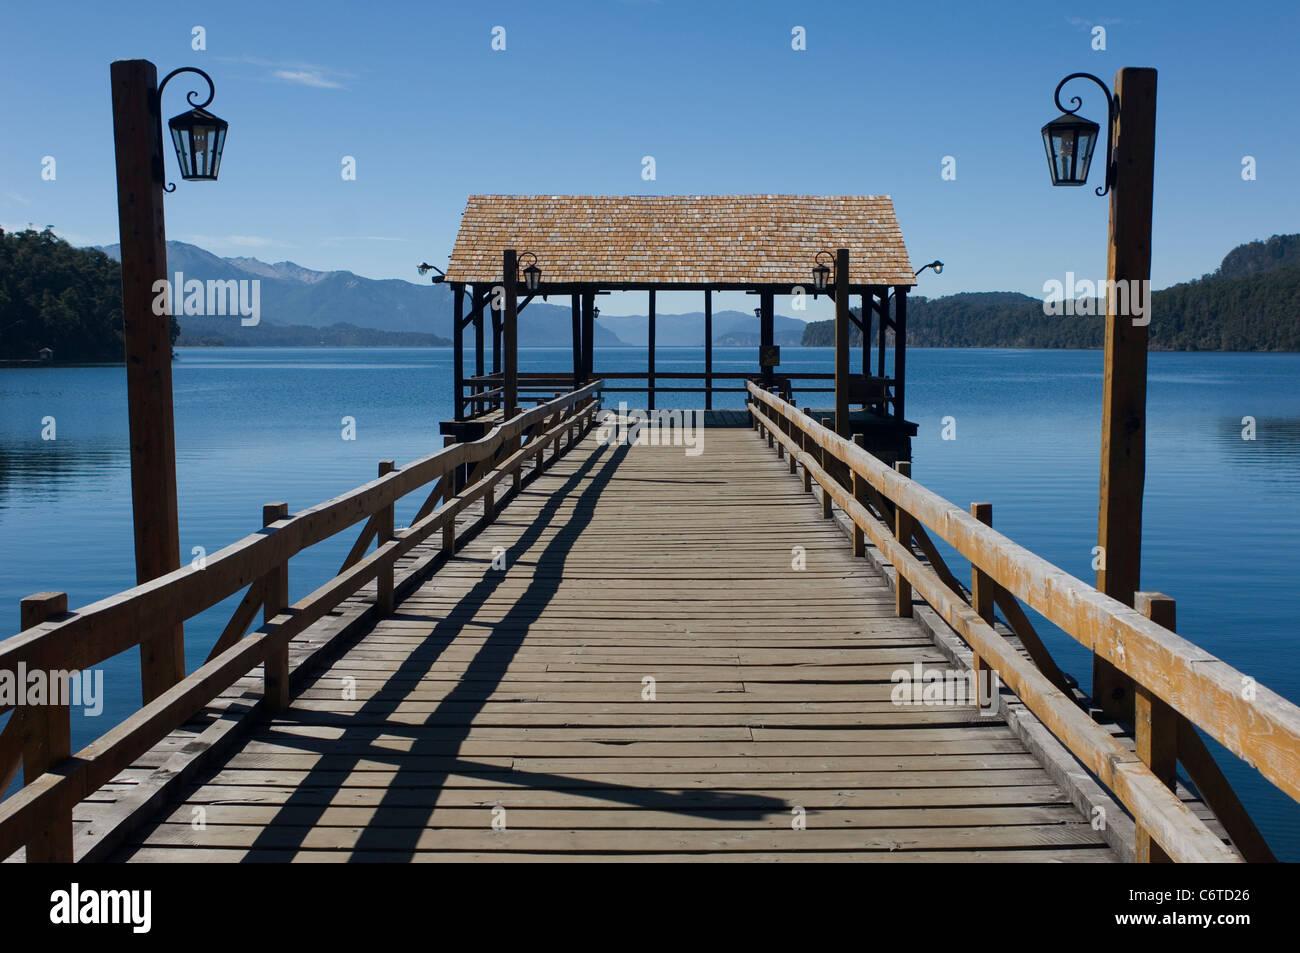 Nahuel Huapi See in Argentinien an einem Tag einwandfrei blauen Himmel und die passende Wohnung ruhigen blauen Wassers Stockbild